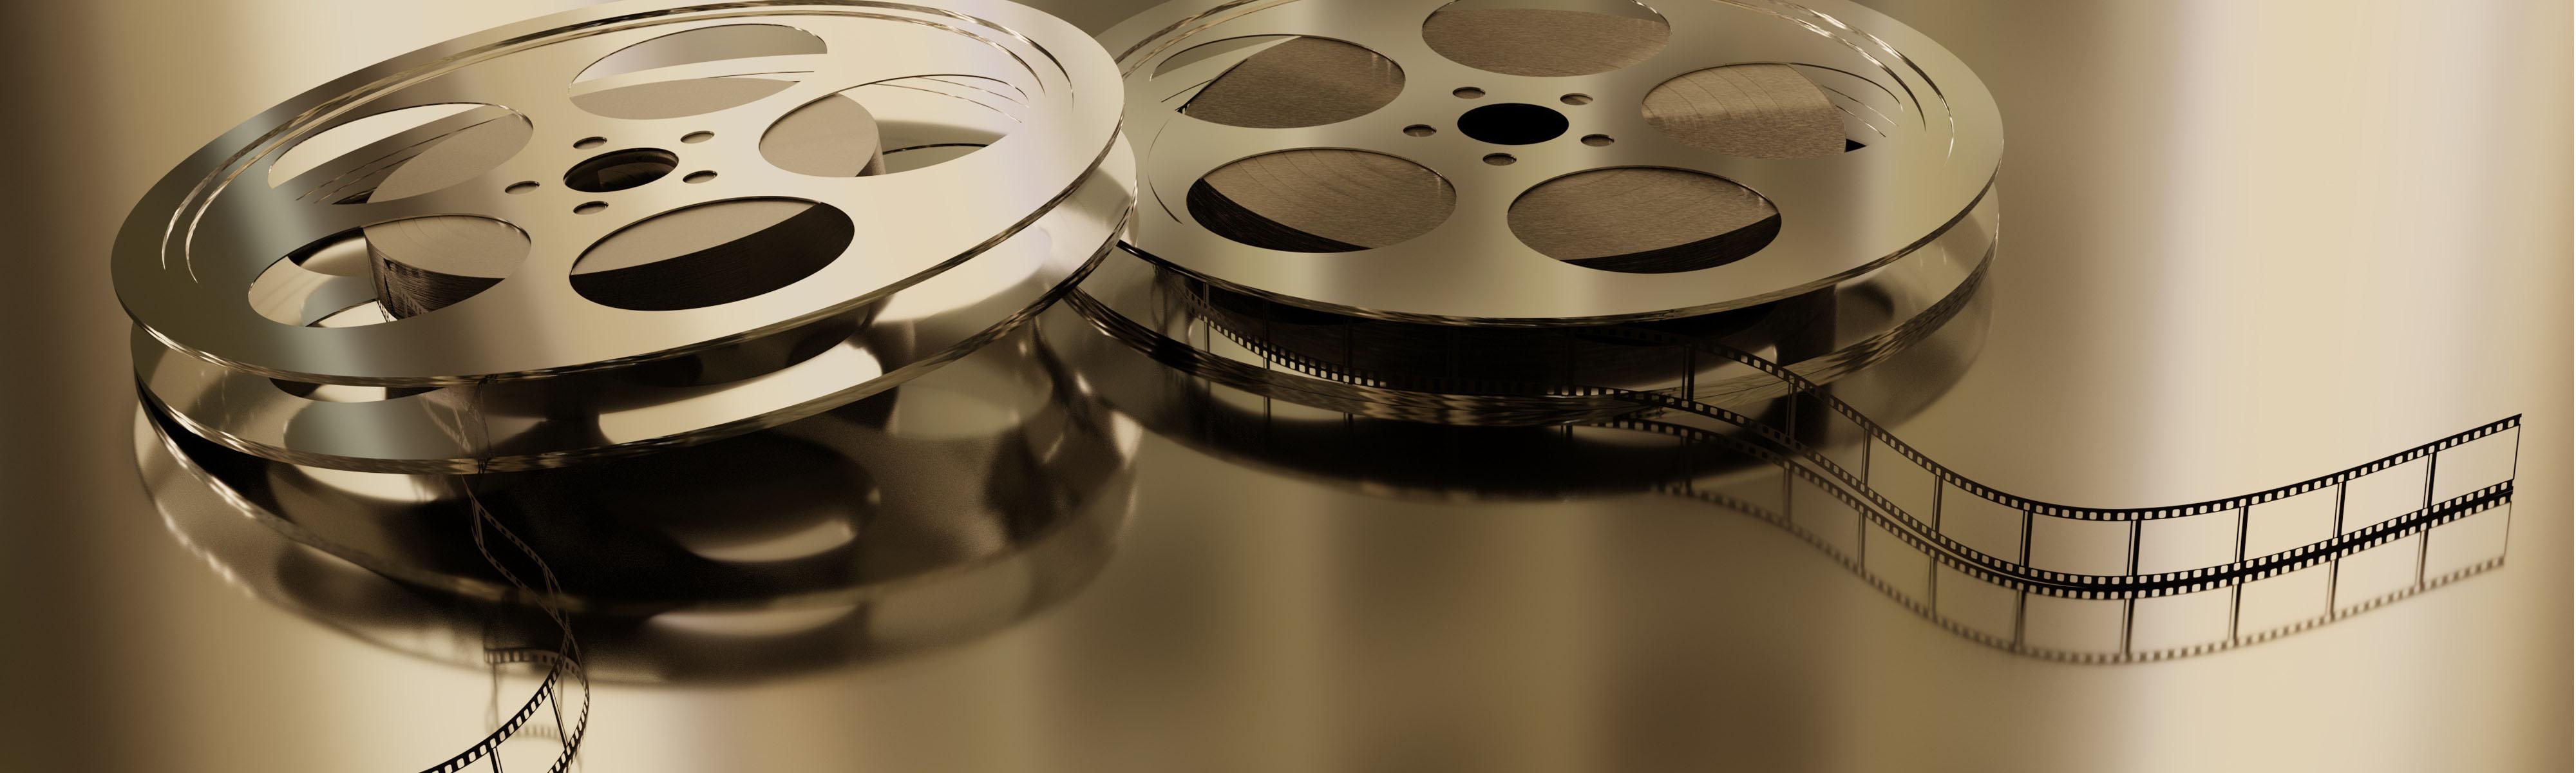 Slider - Kinoschaltungen - 35mm a